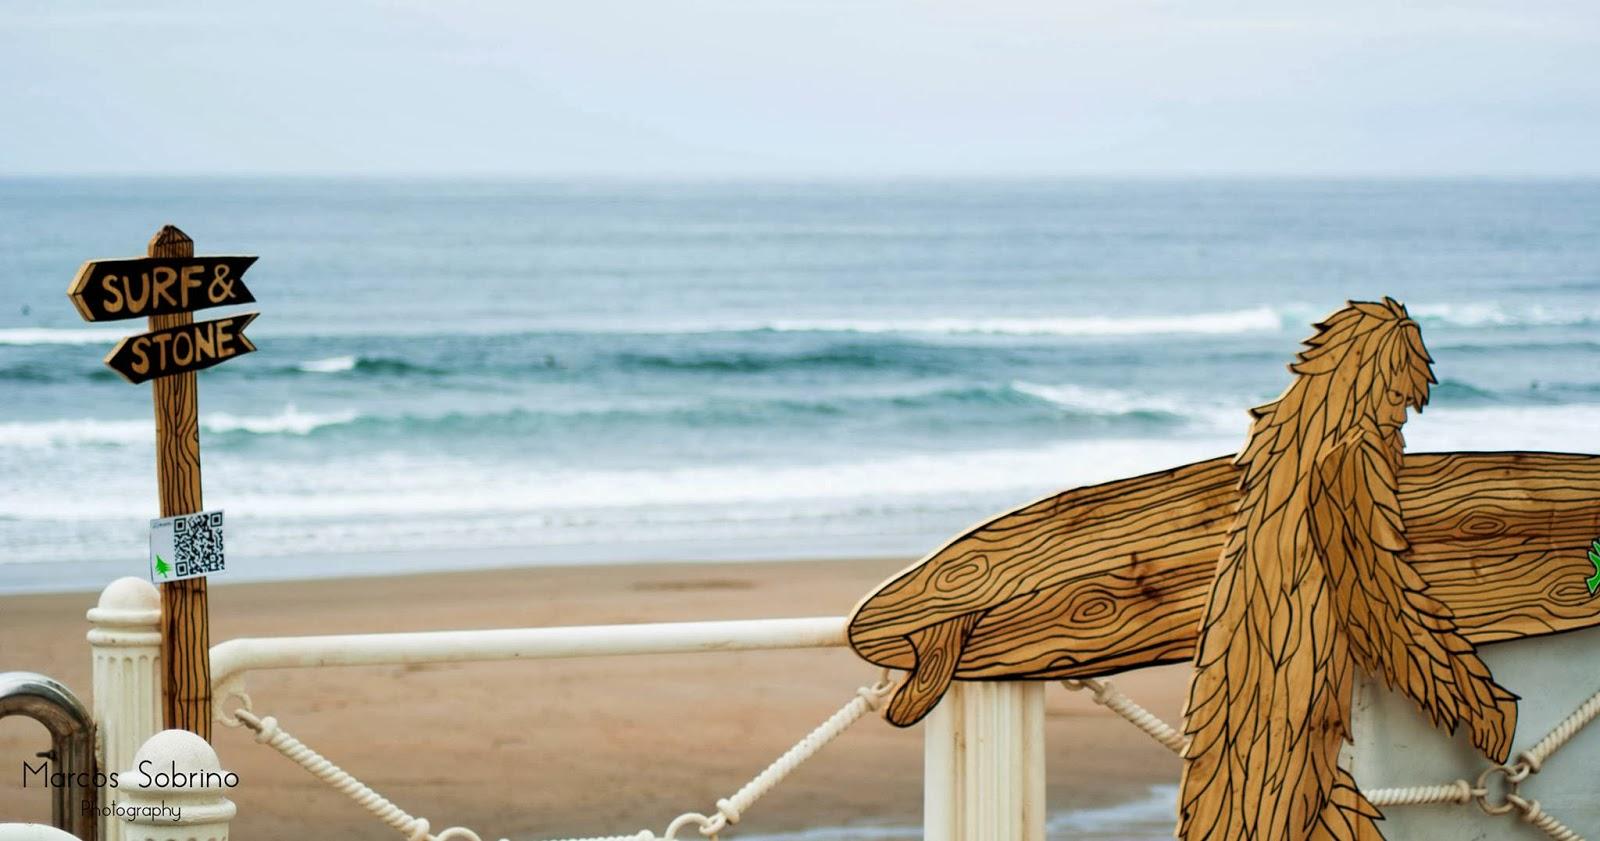 El surf castrill n descubre castrill n - Tiempo en salinas castrillon ...